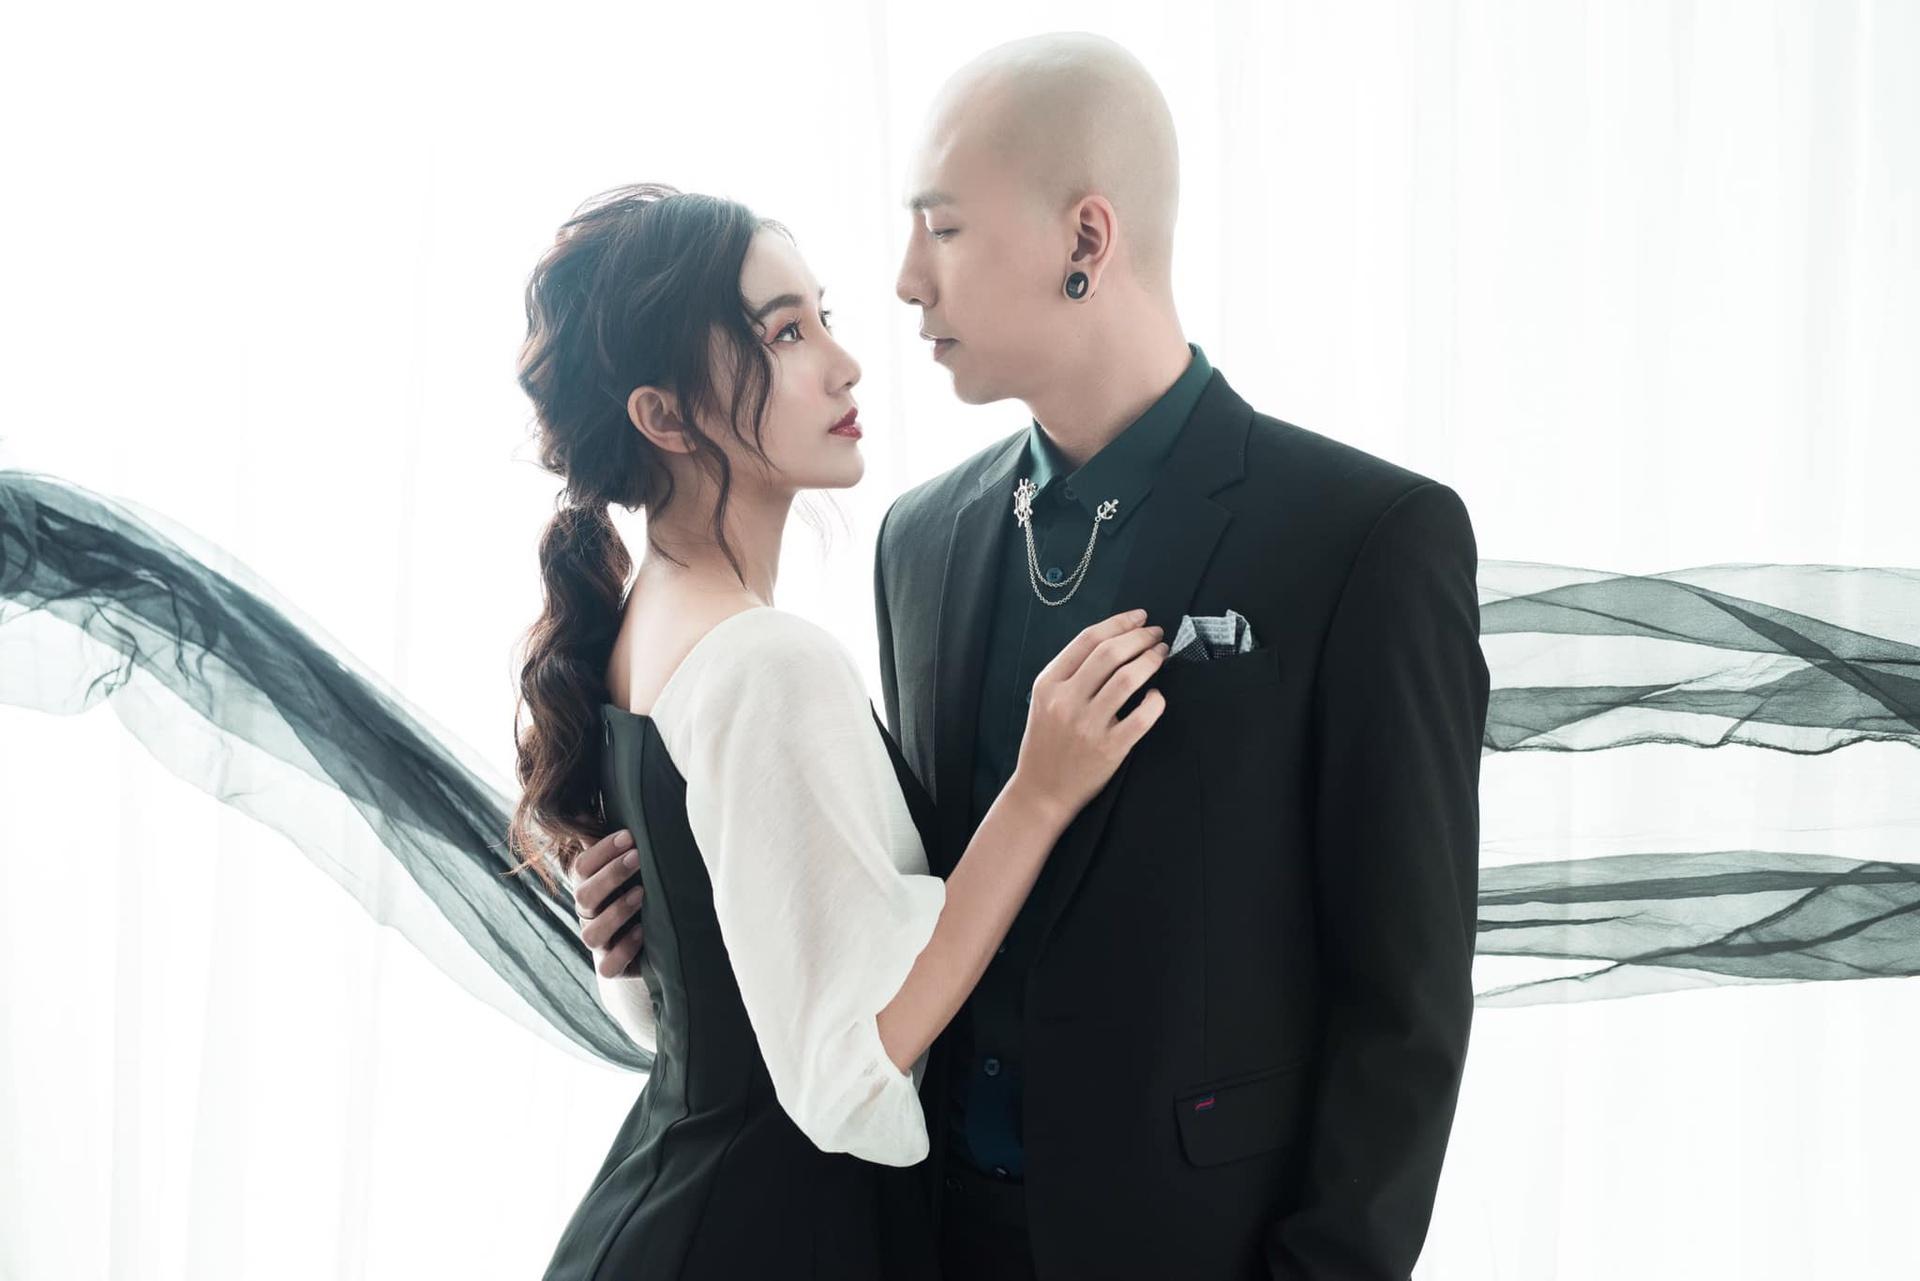 Phạm Lịch đã đăng ký kết hôn nhưng chưa thể tổ chức đám cưới - Ảnh 1.